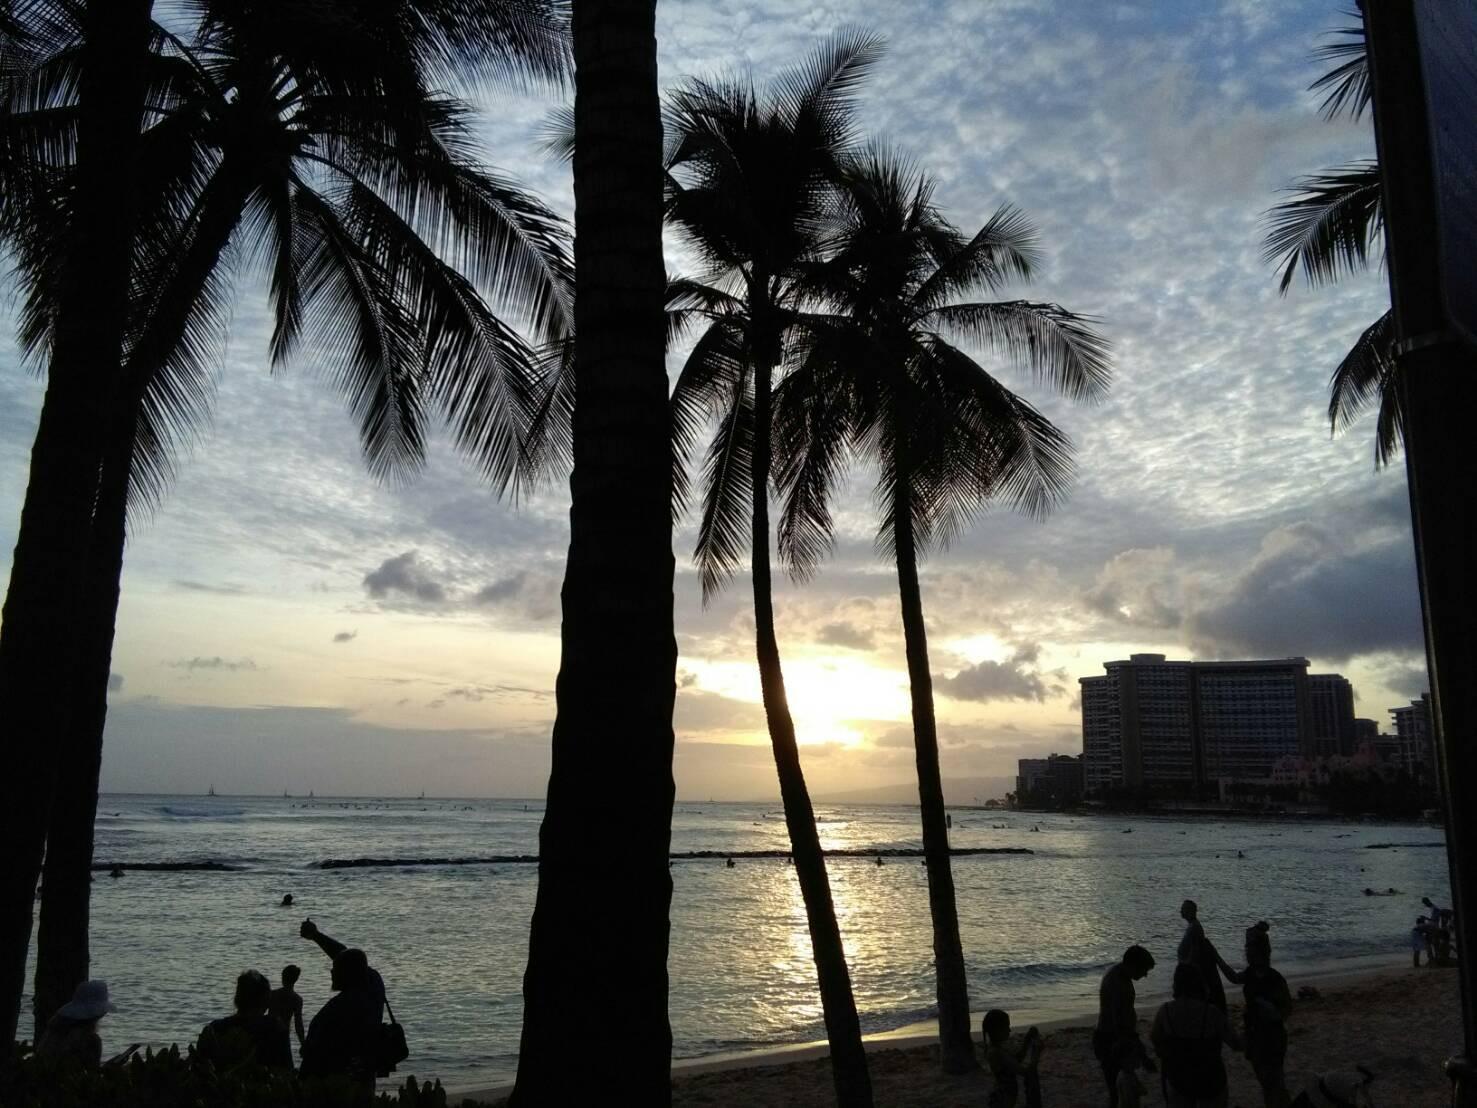 【旅するドールのハワイ旅紀行】緊急事態とハワイのサンセット